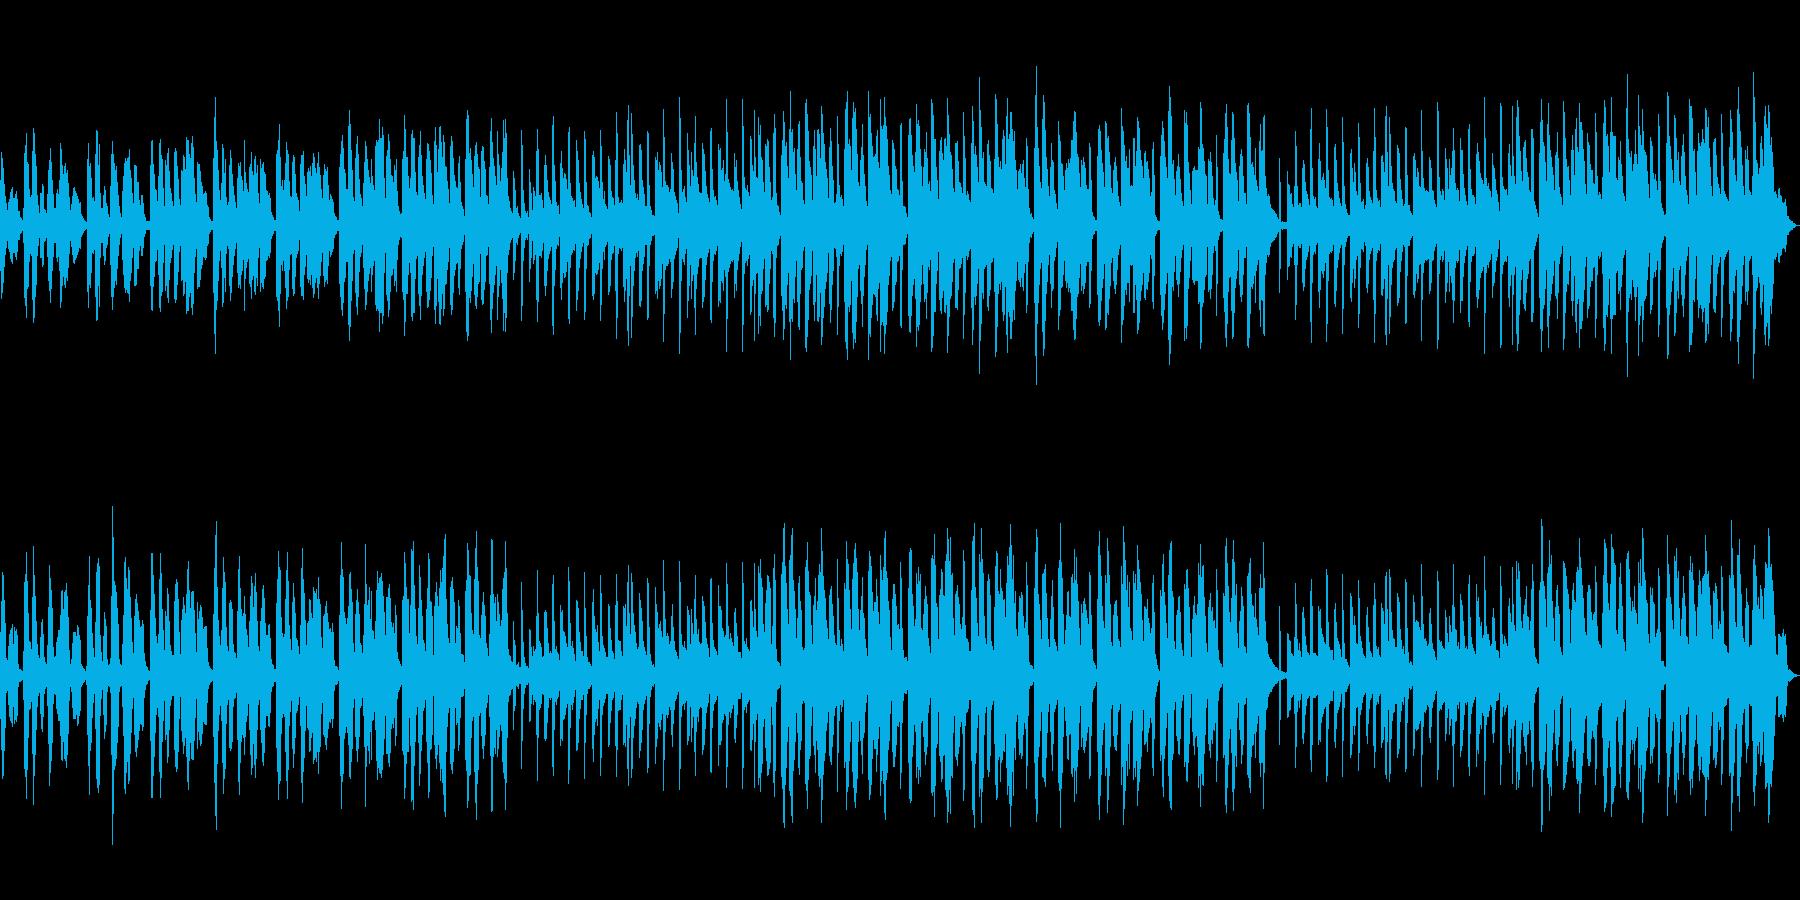 セクシー怪しいシンセBGM1の再生済みの波形